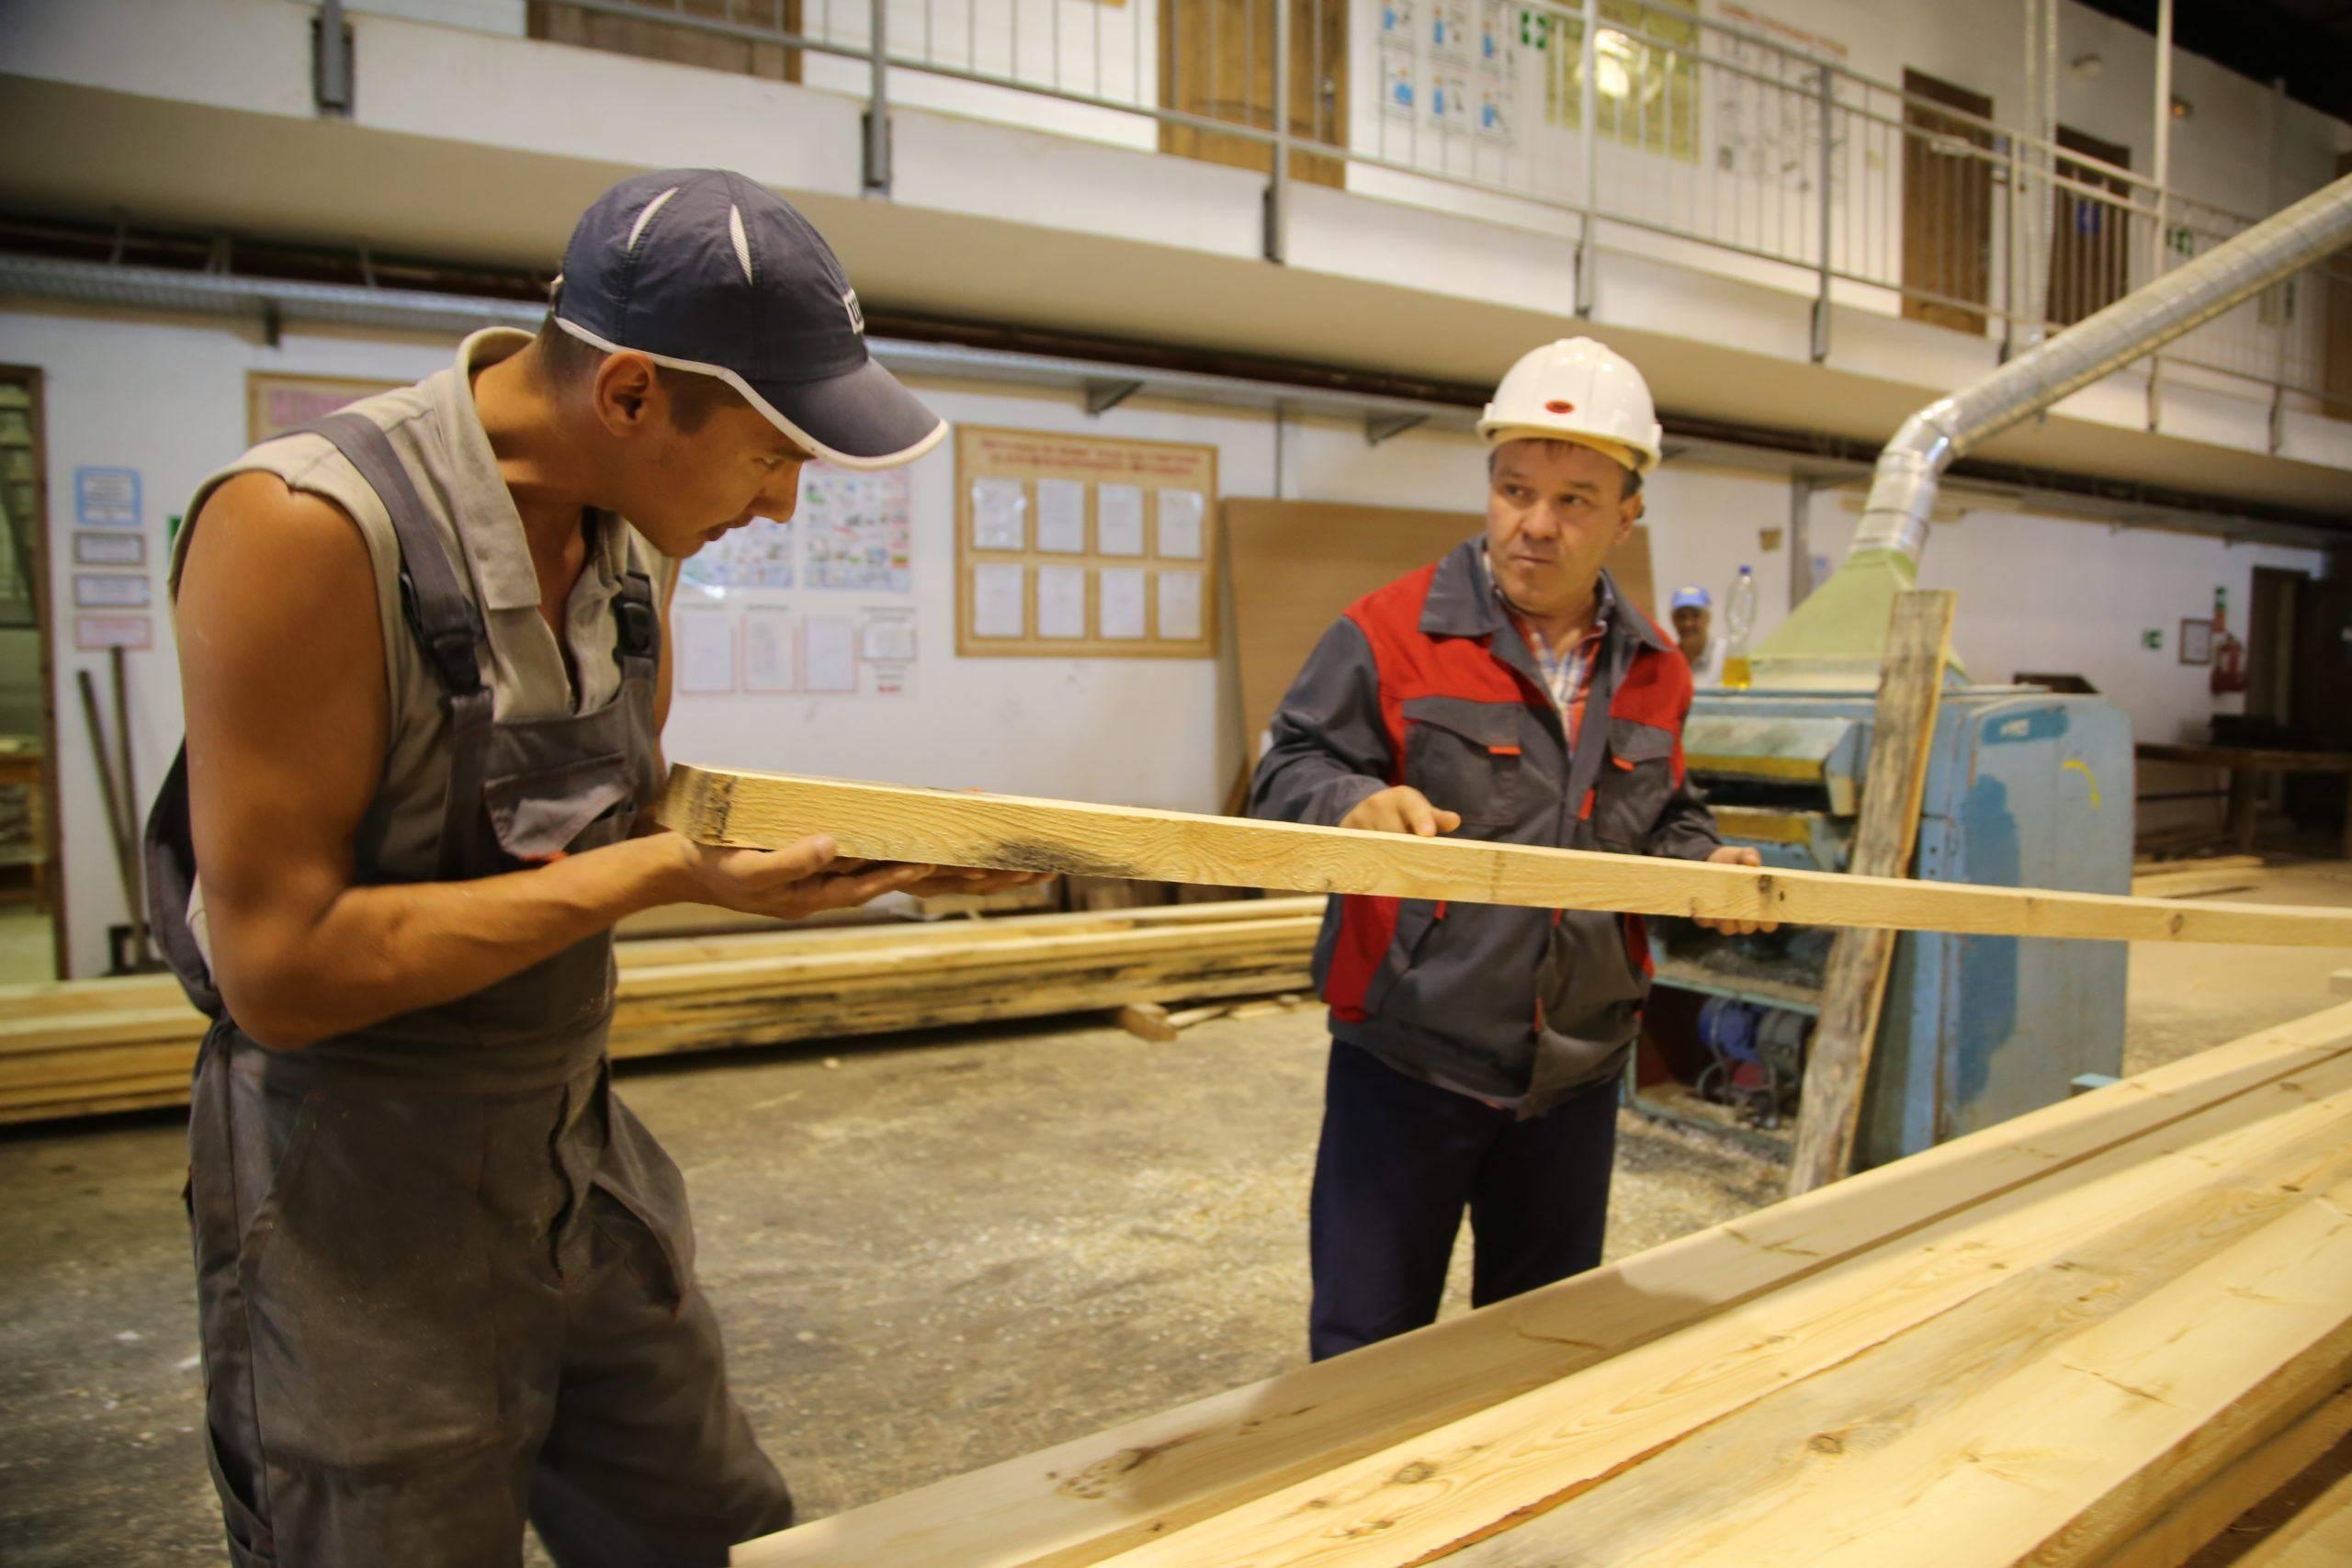 У строителей Абрау-Дюрсо после непогоды будет много работы